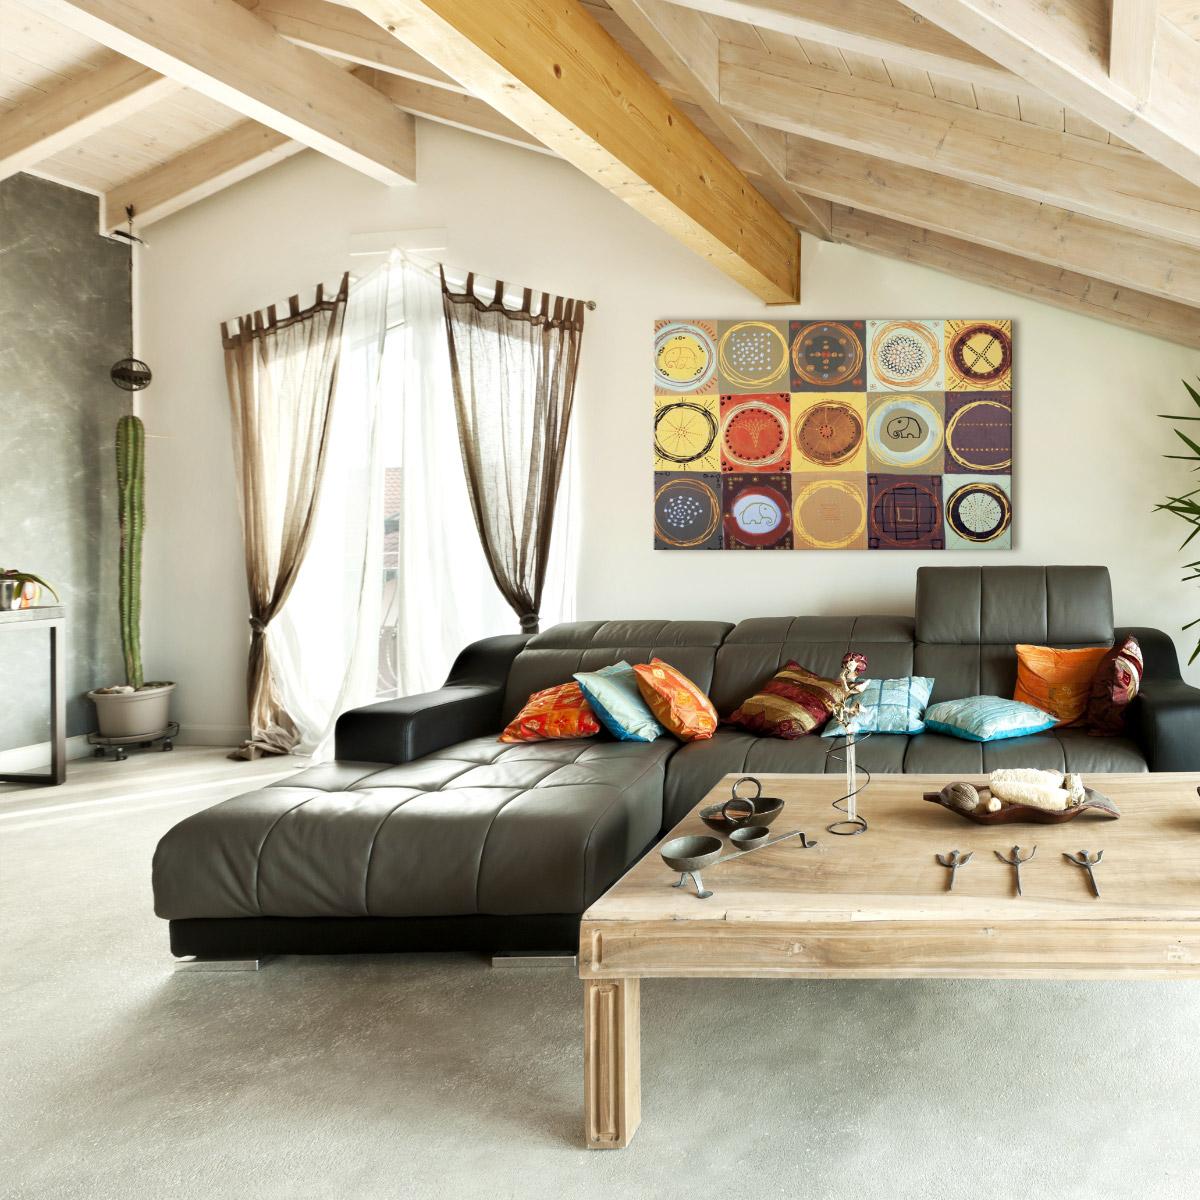 richten sie ihre wohnung mit afrika deko ein. Black Bedroom Furniture Sets. Home Design Ideas